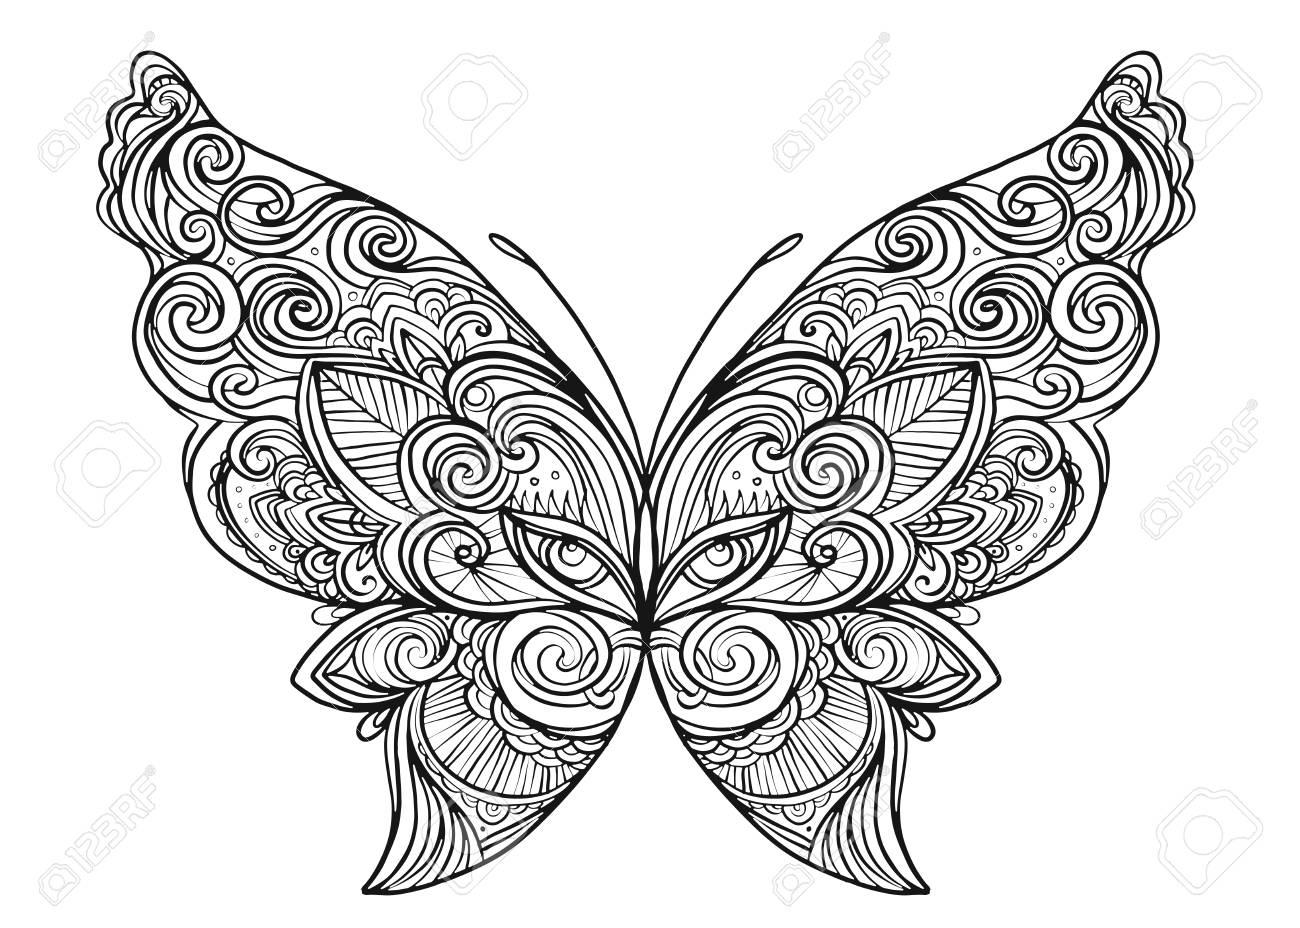 El Estilo Dibujado Mano Del Zentangle De La Mariposa Inspiró Para El ...